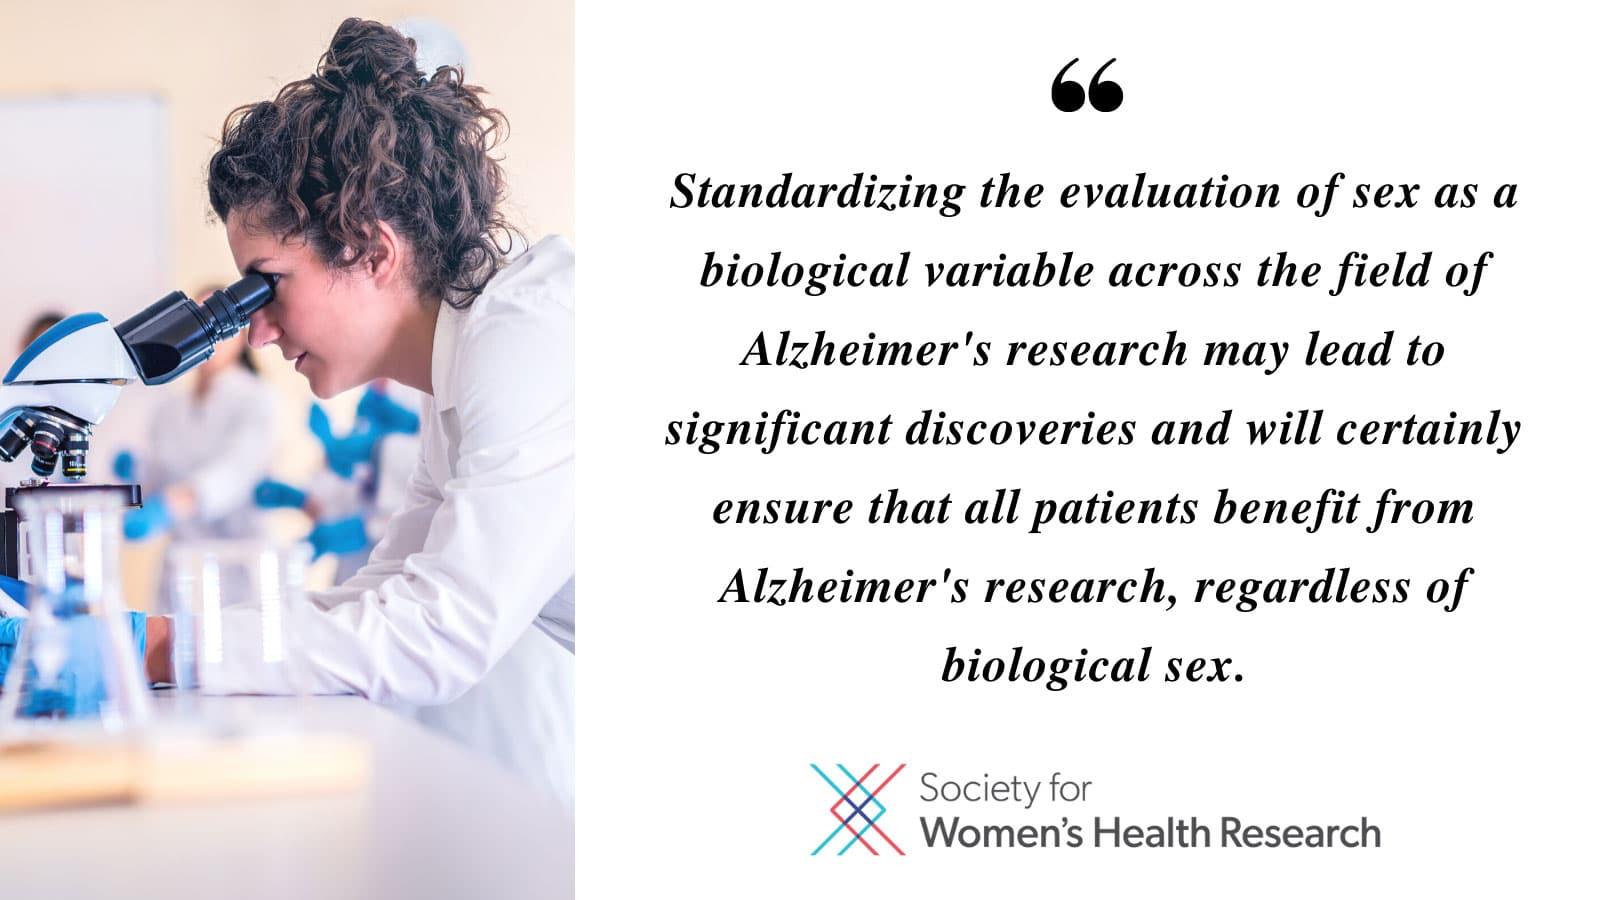 SWHR-SABV-women-alzheimers